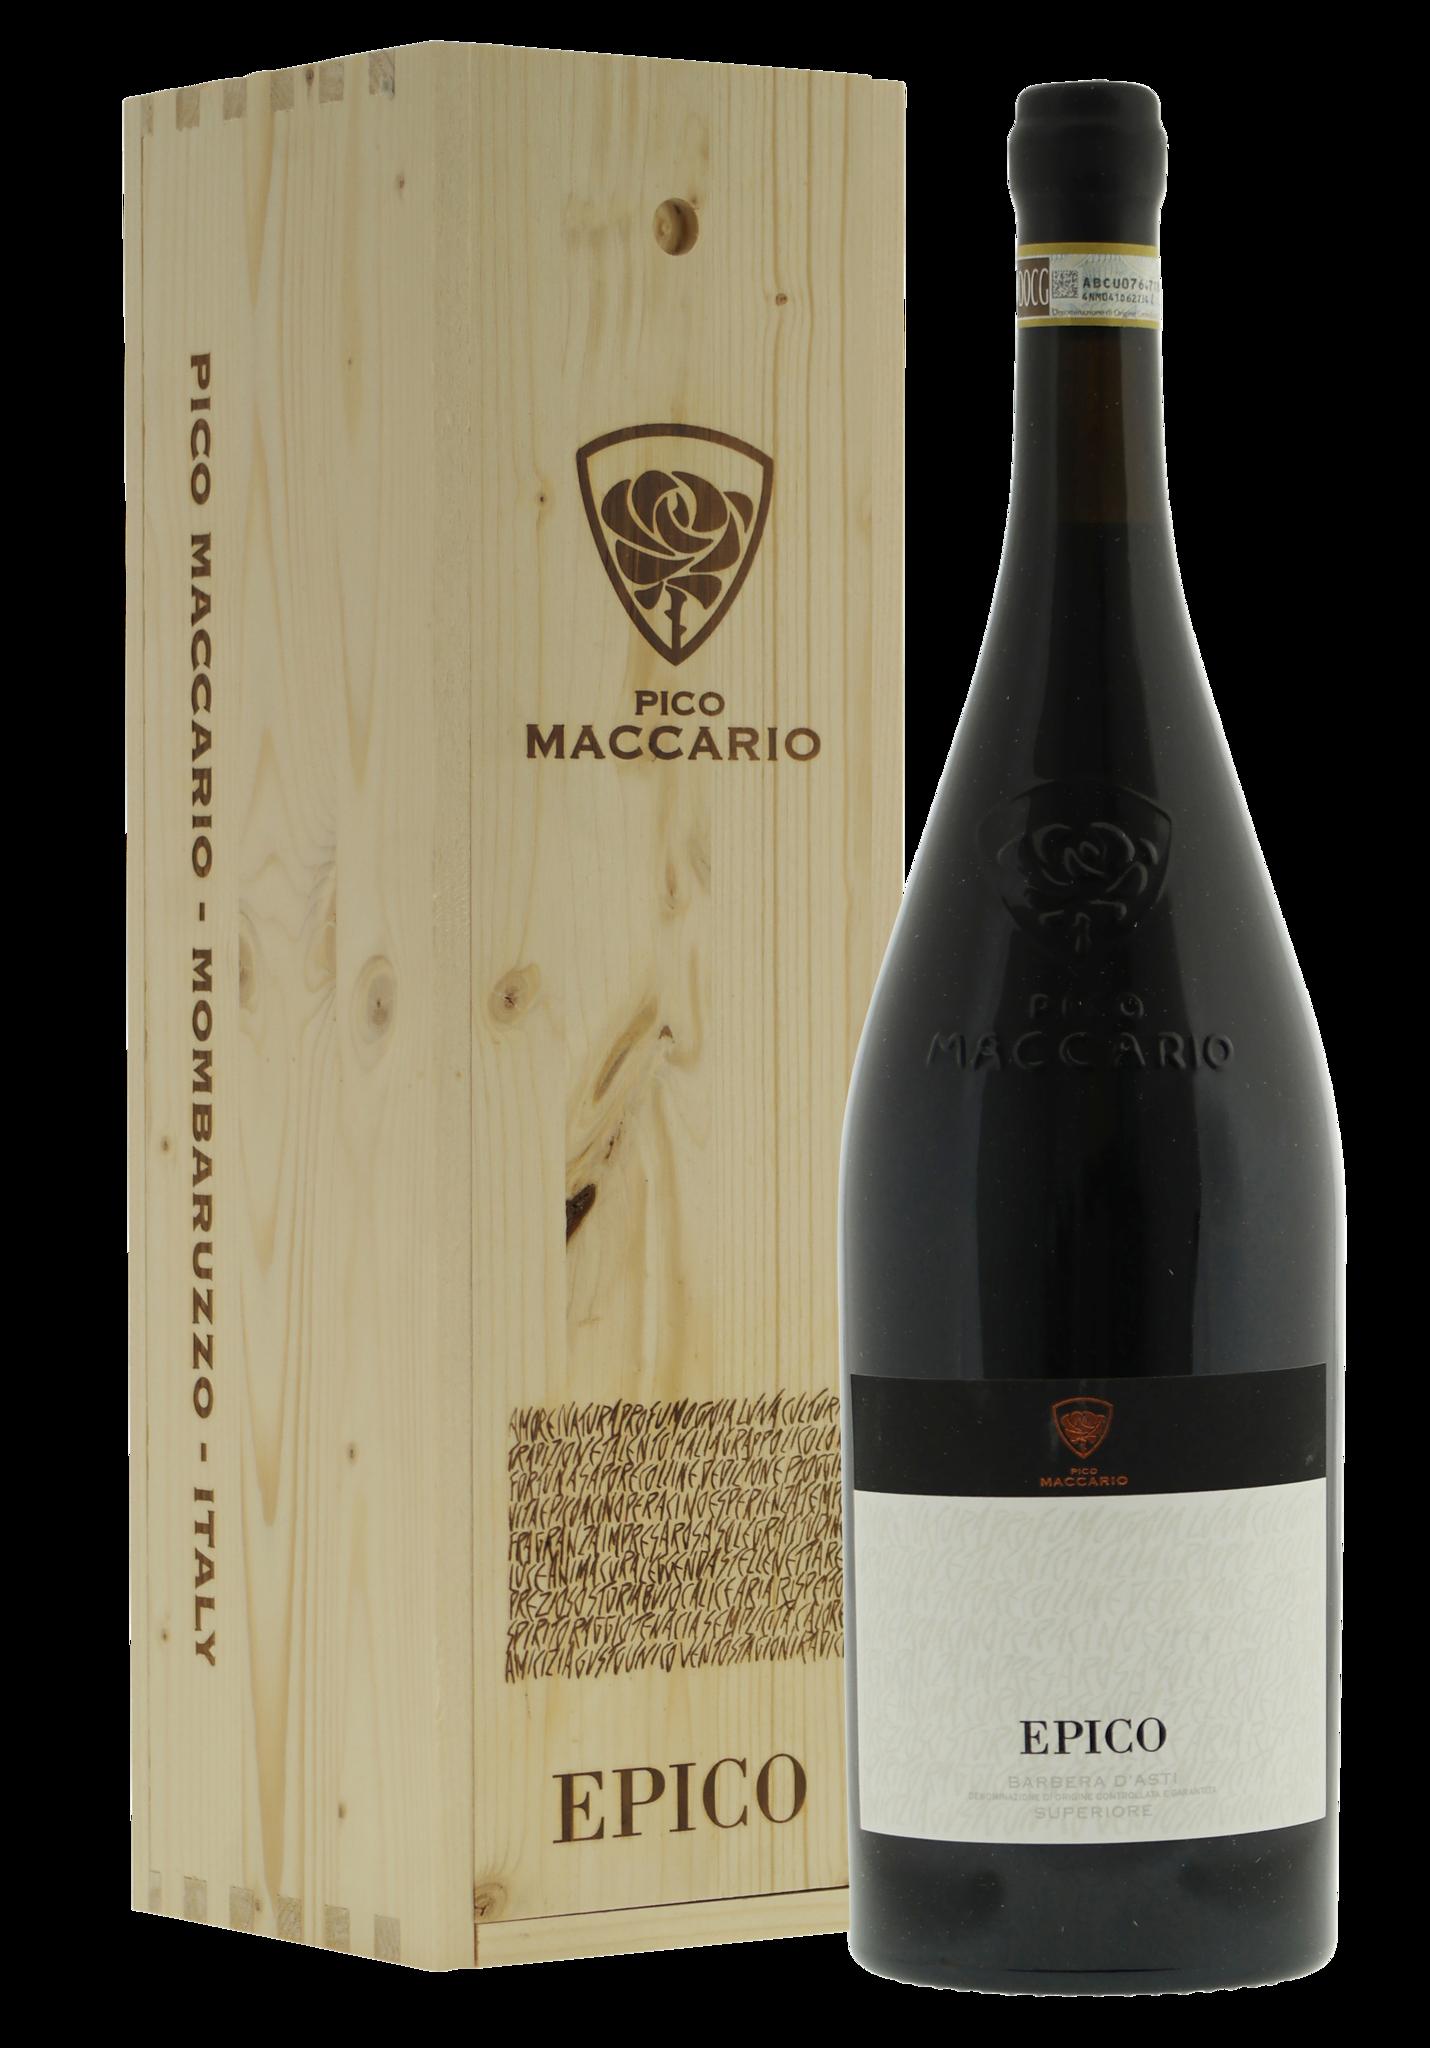 Pico Maccario Epico Magnum – 21%